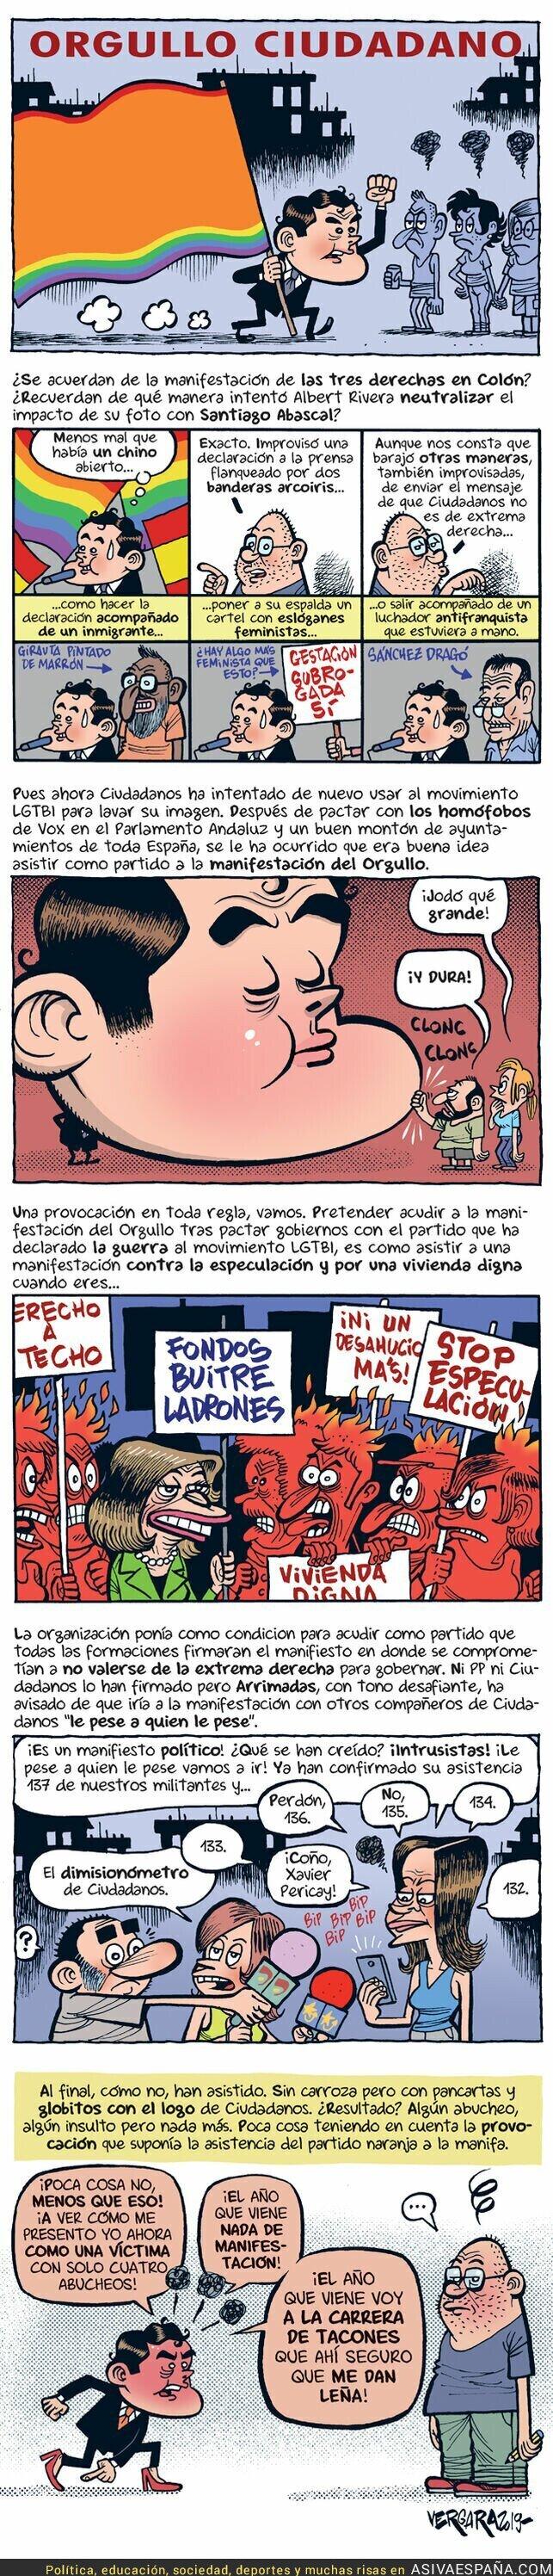 115998 - Orgullo Ciudadano